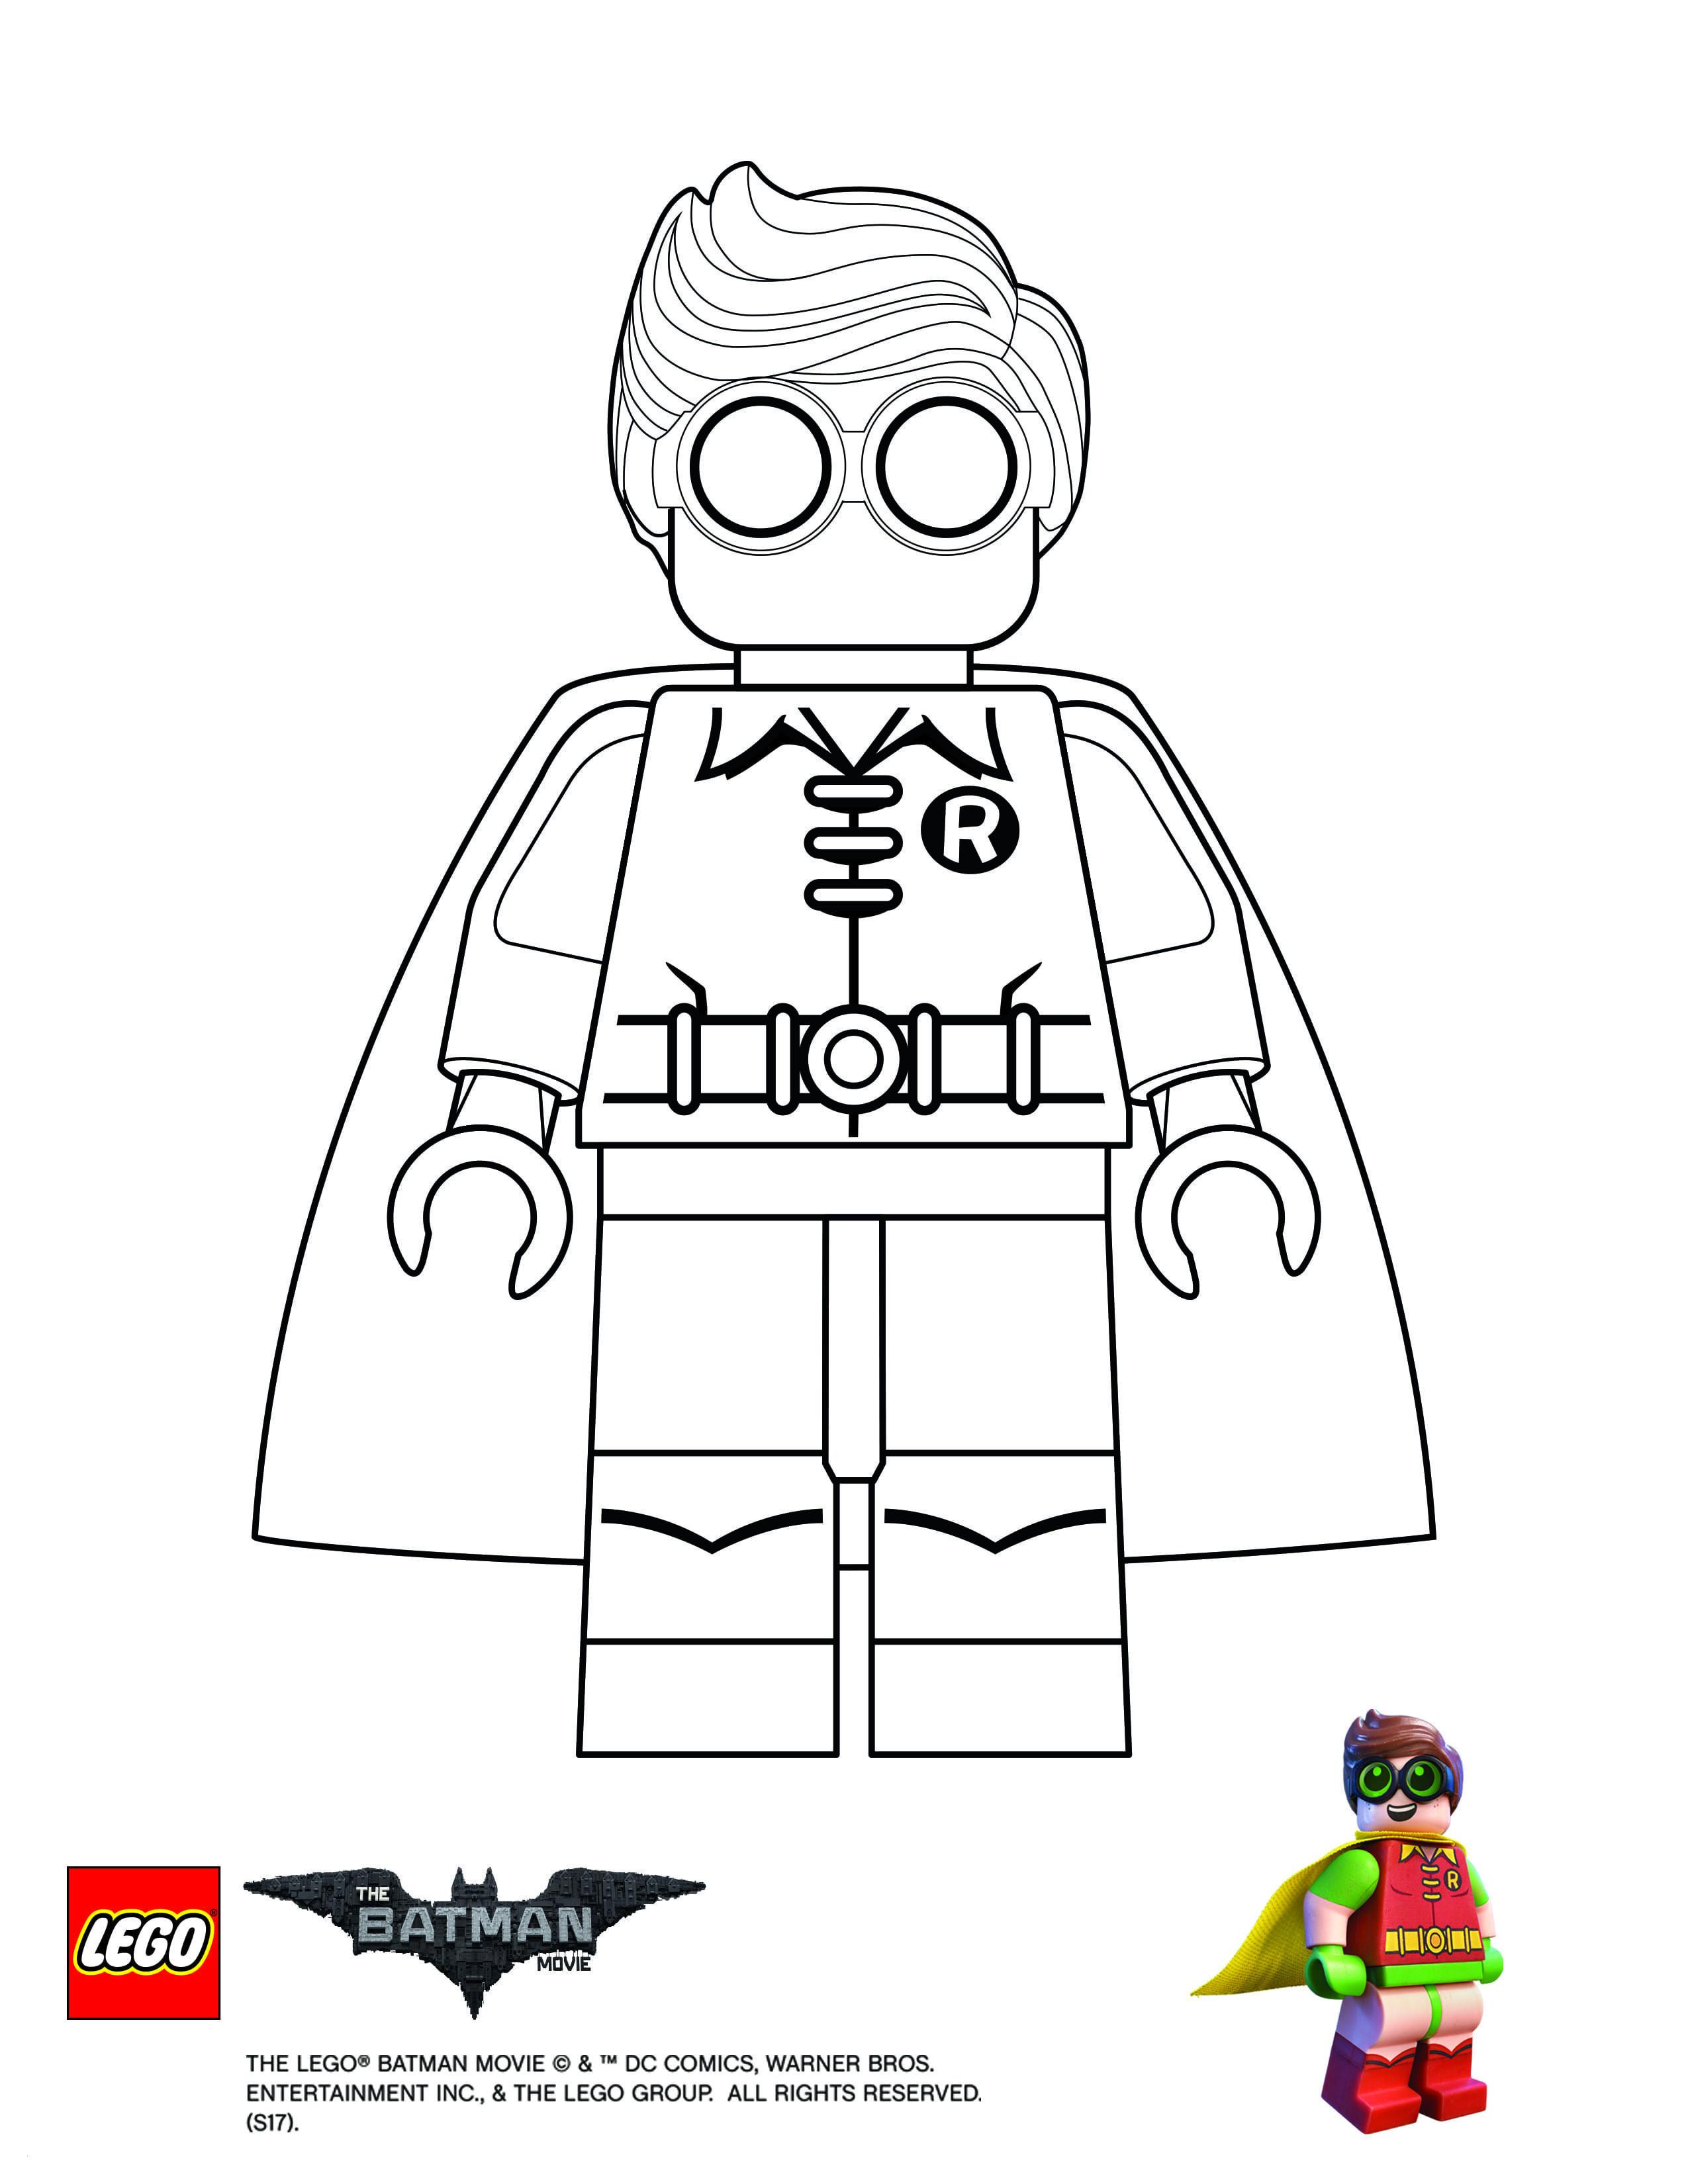 Ausmalbilder Batman Lego Inspirierend Lego Batman Ausmalbilder